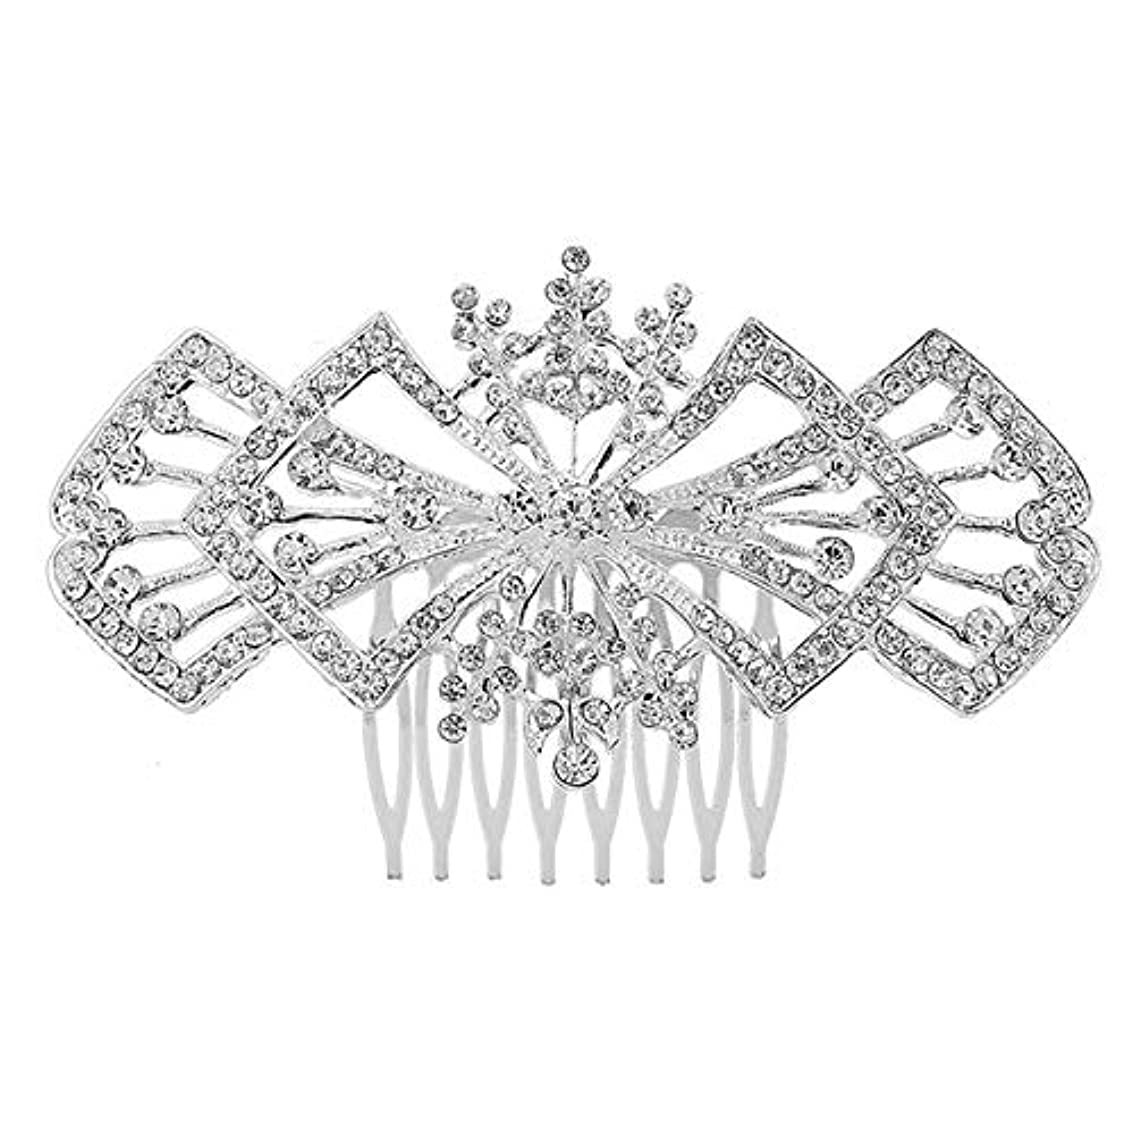 裕福な囲む若さ髪の櫛の櫛の櫛の花嫁の髪の櫛の花の髪の櫛のラインストーンの挿入物の櫛の合金の帽子の結婚式の宝石類